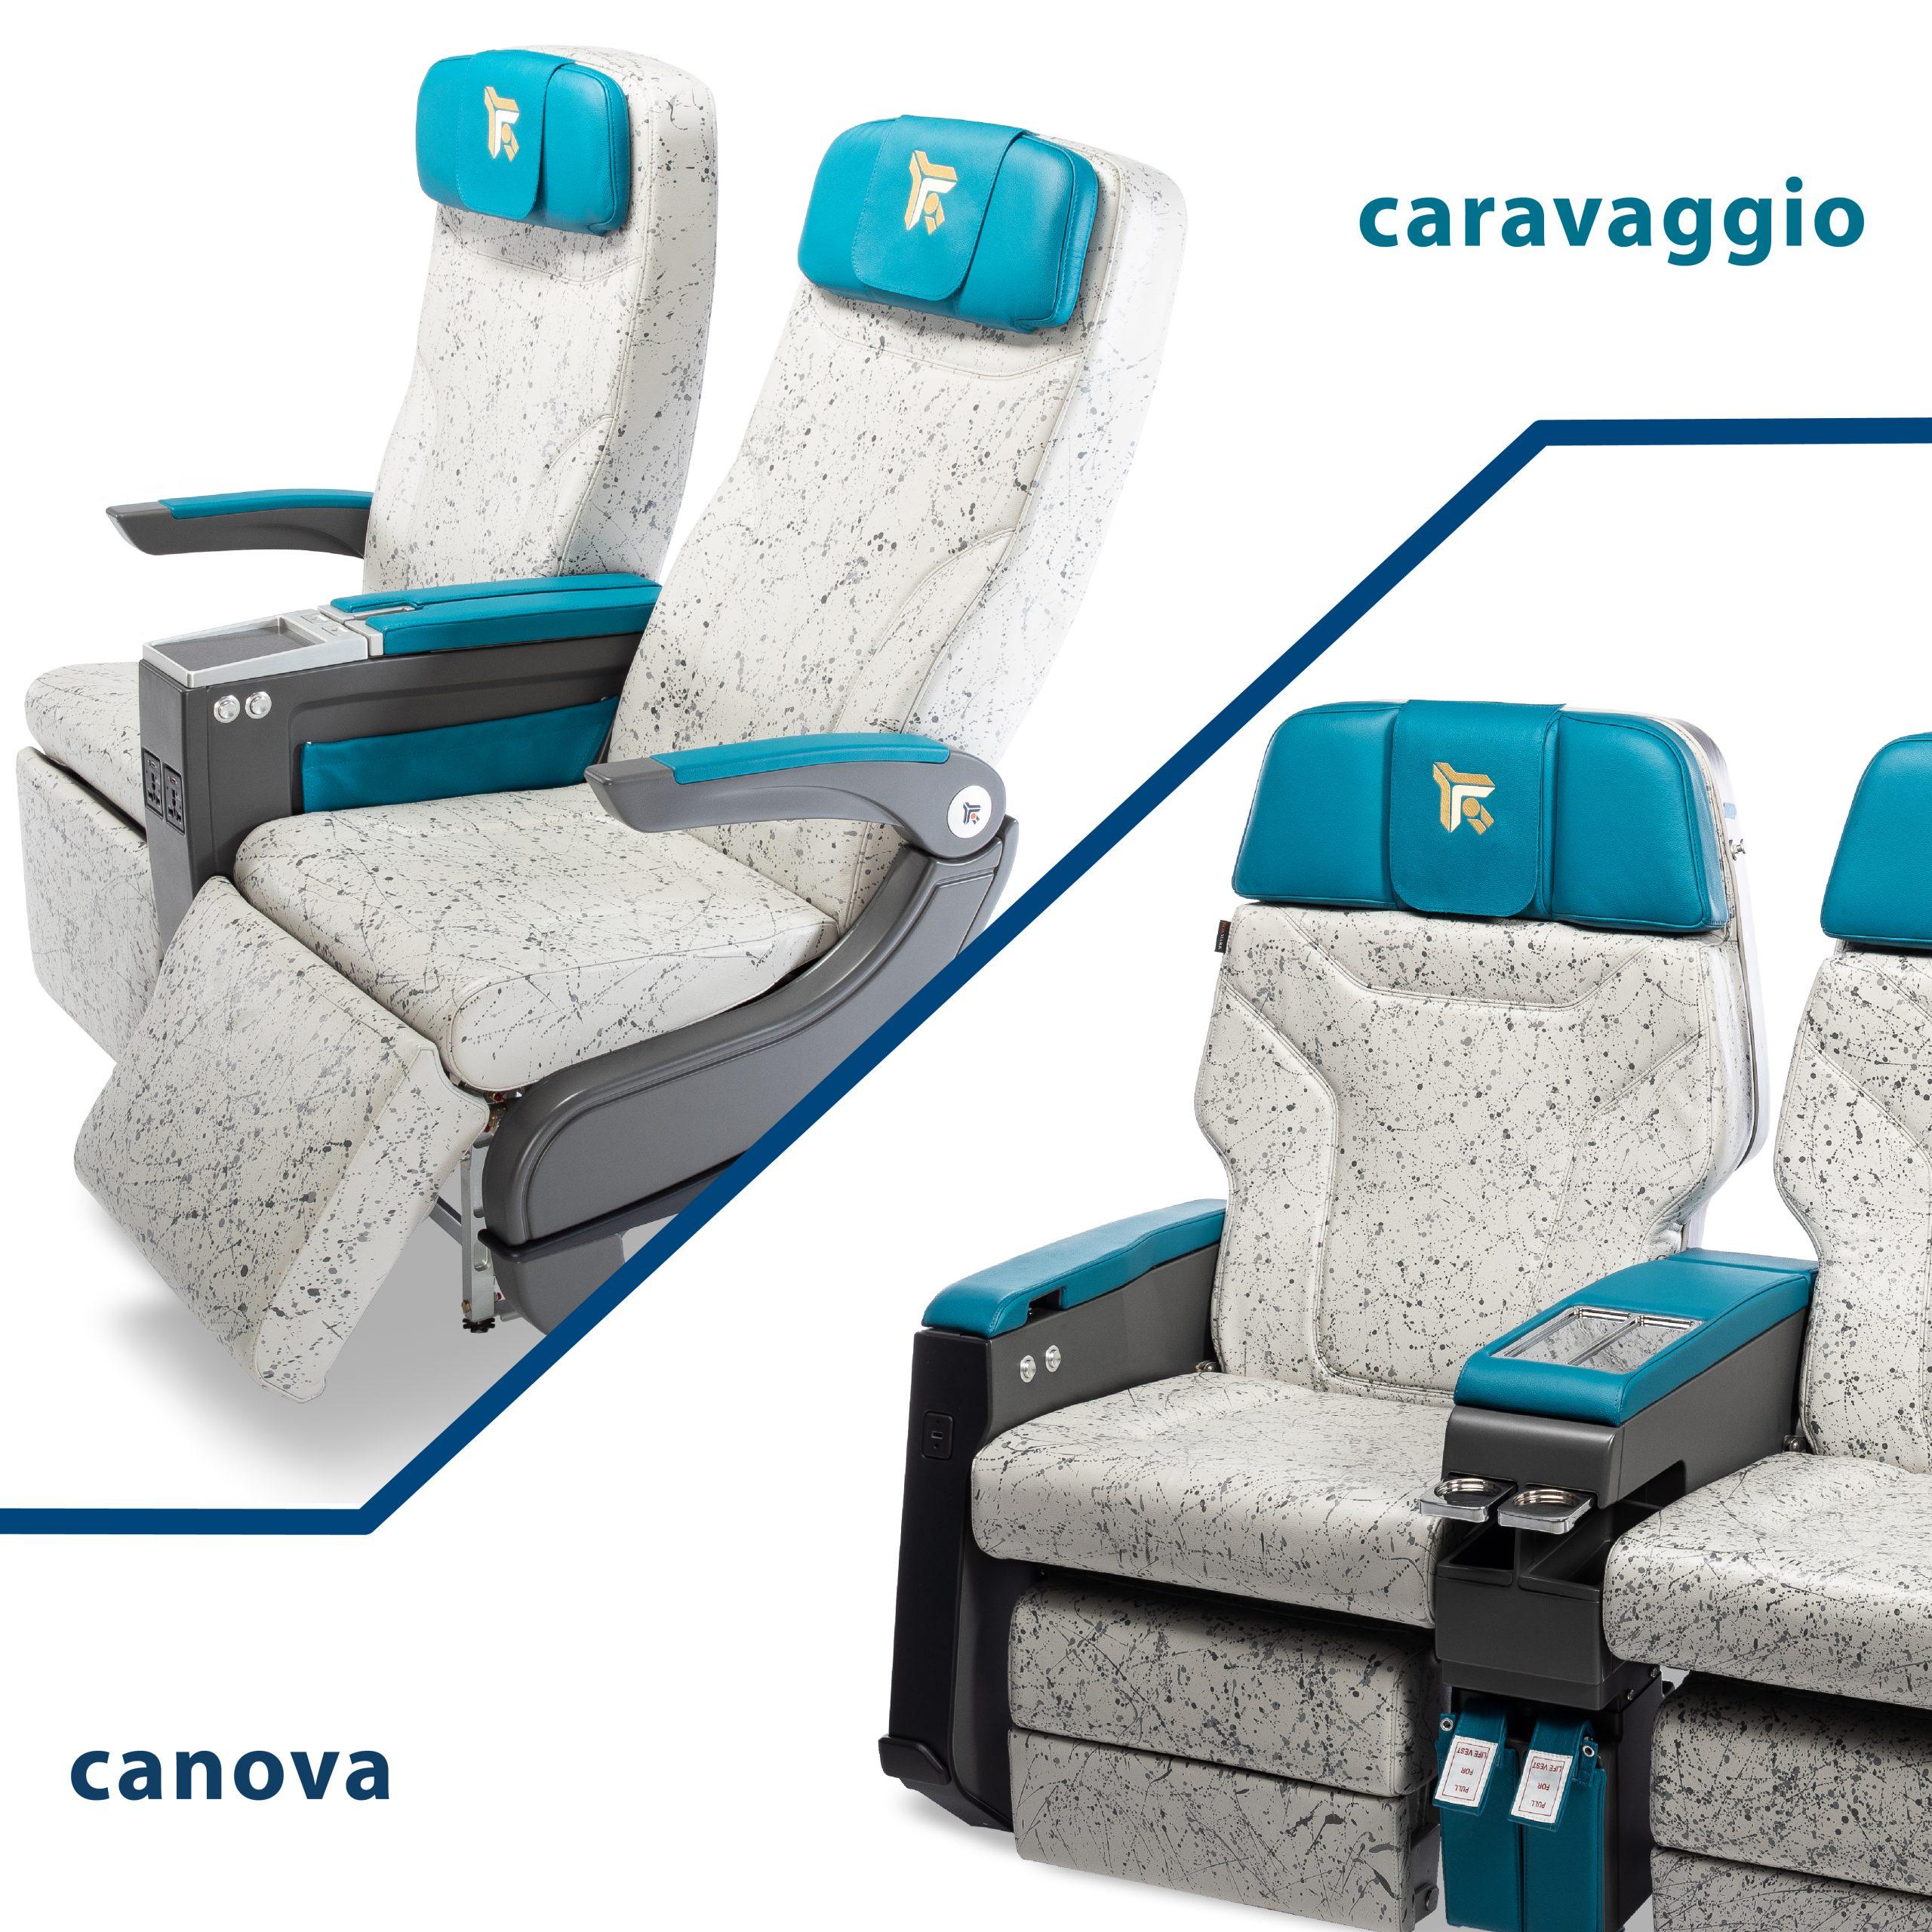 Hamburg AIX Expo 2019: Canova and Caravaggio seat